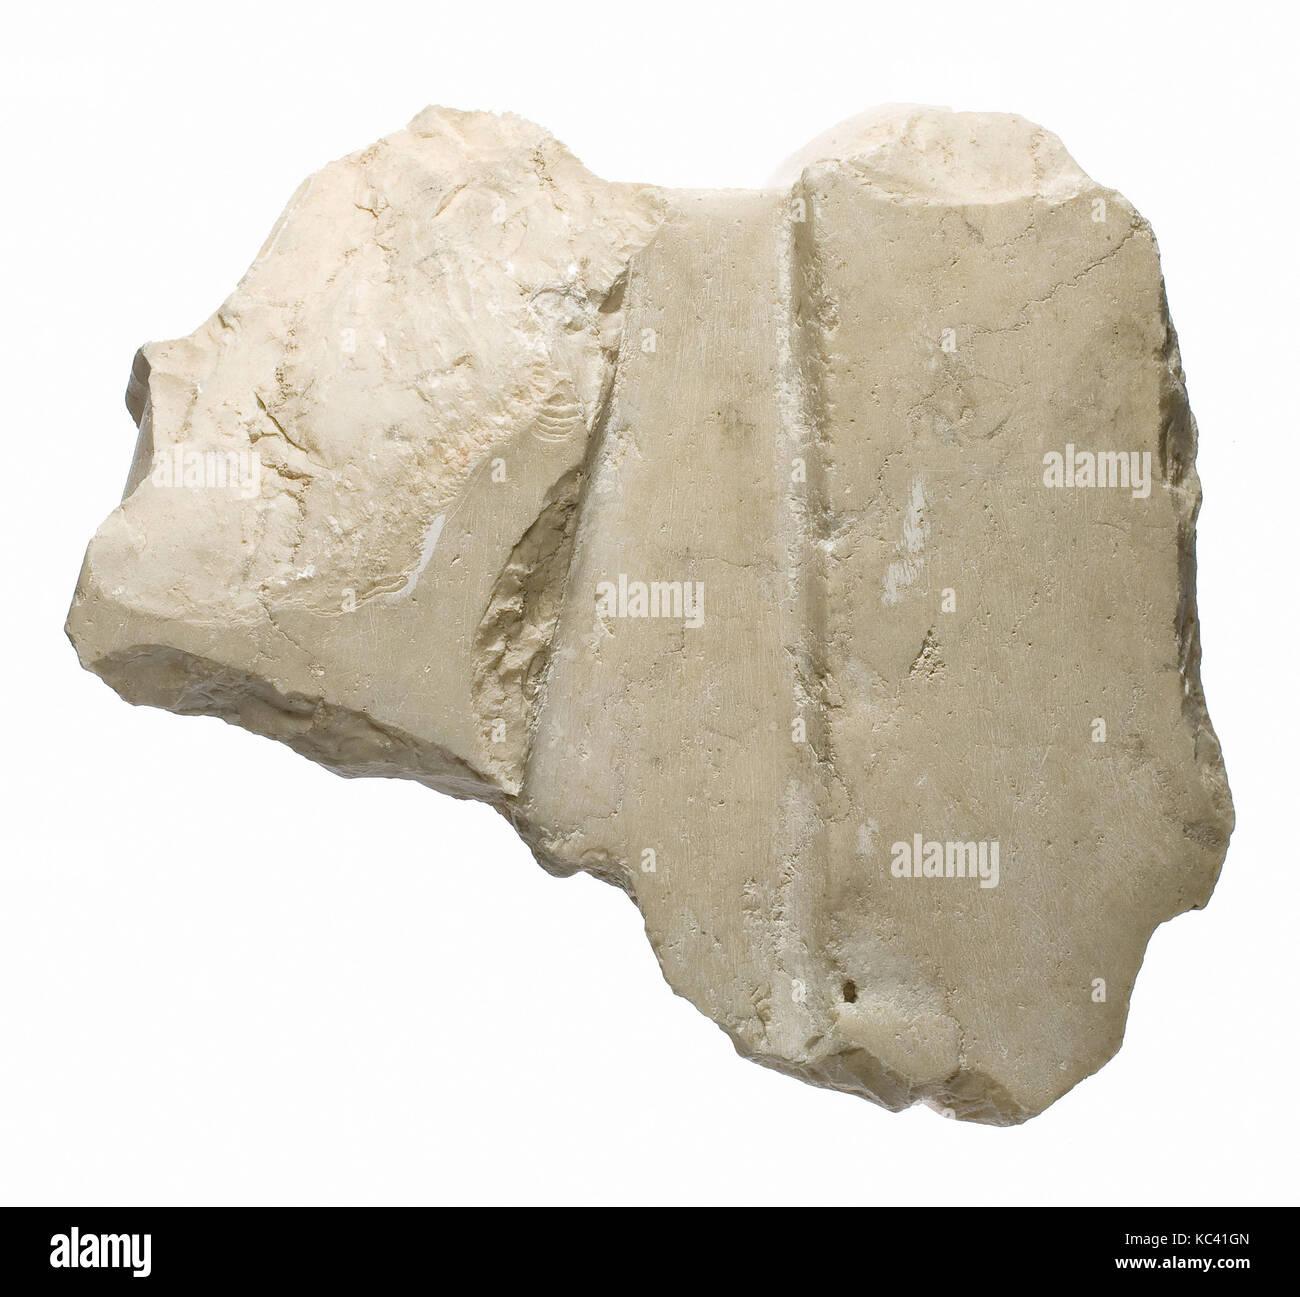 Exposed sole of foot of Akhenaten or Nefertiti, ca. 1352–1336 B.C - Stock Image